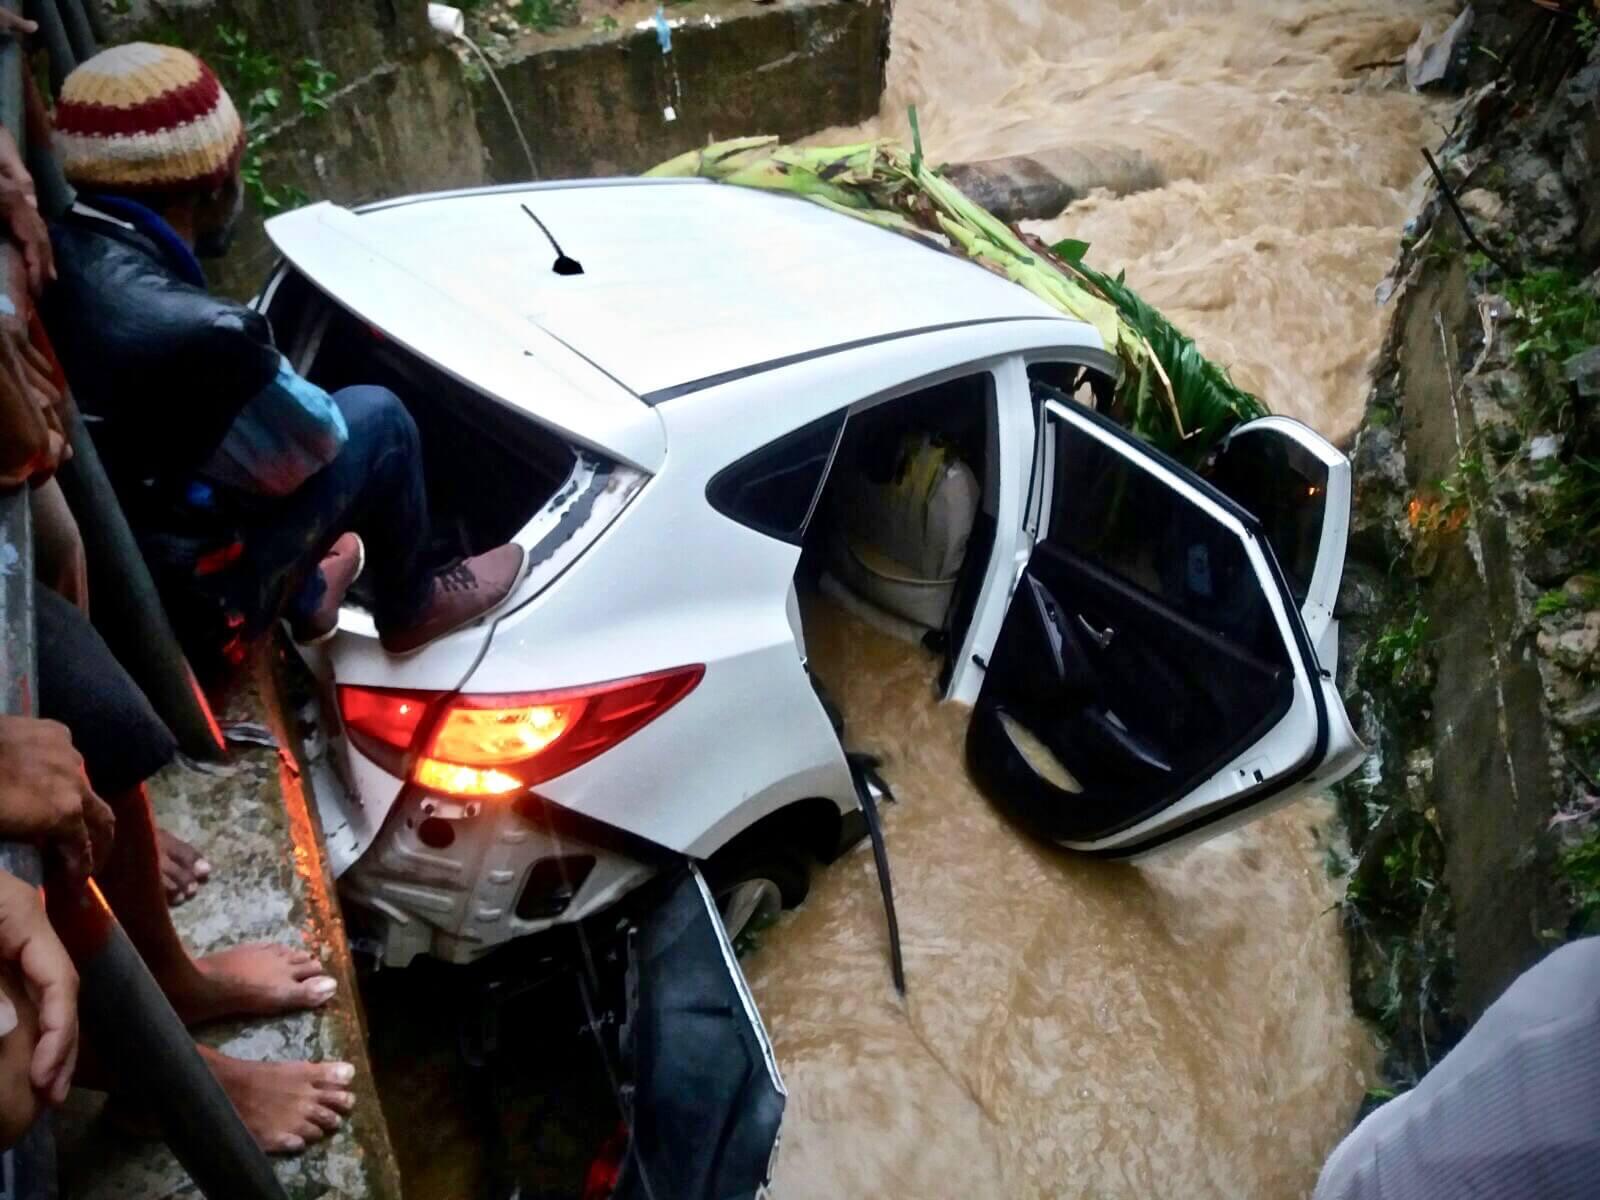 Inundación - Rescate Ámbar